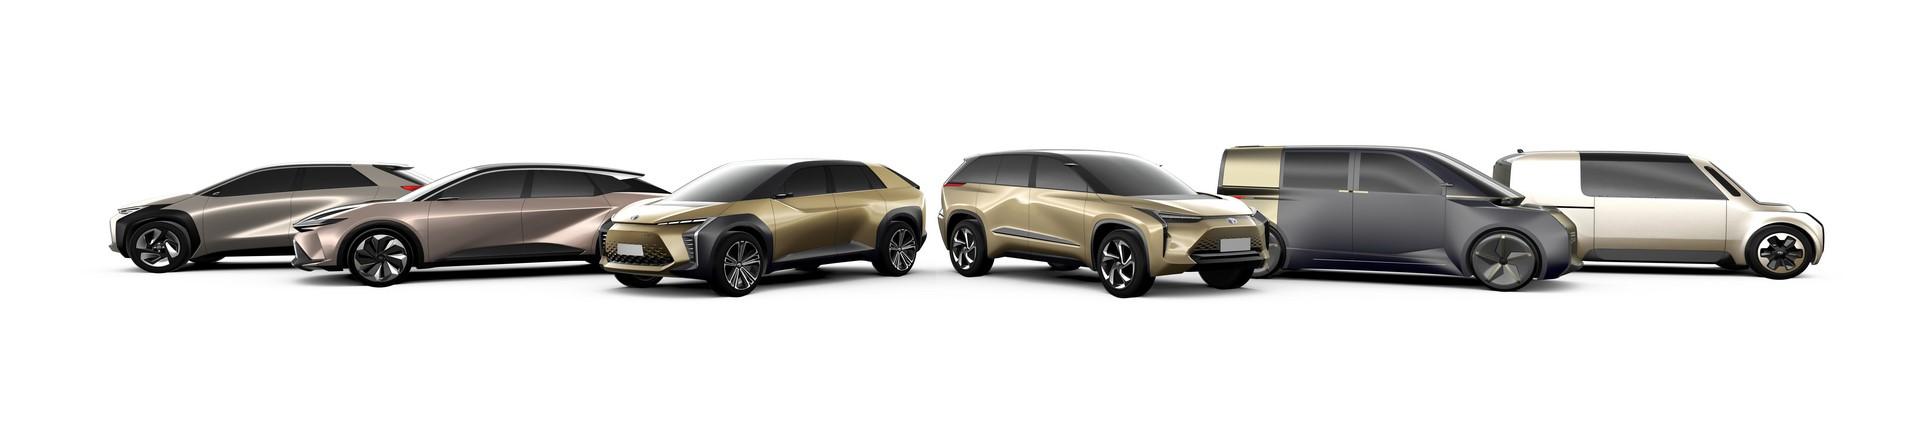 Toyota-EV-plan-57